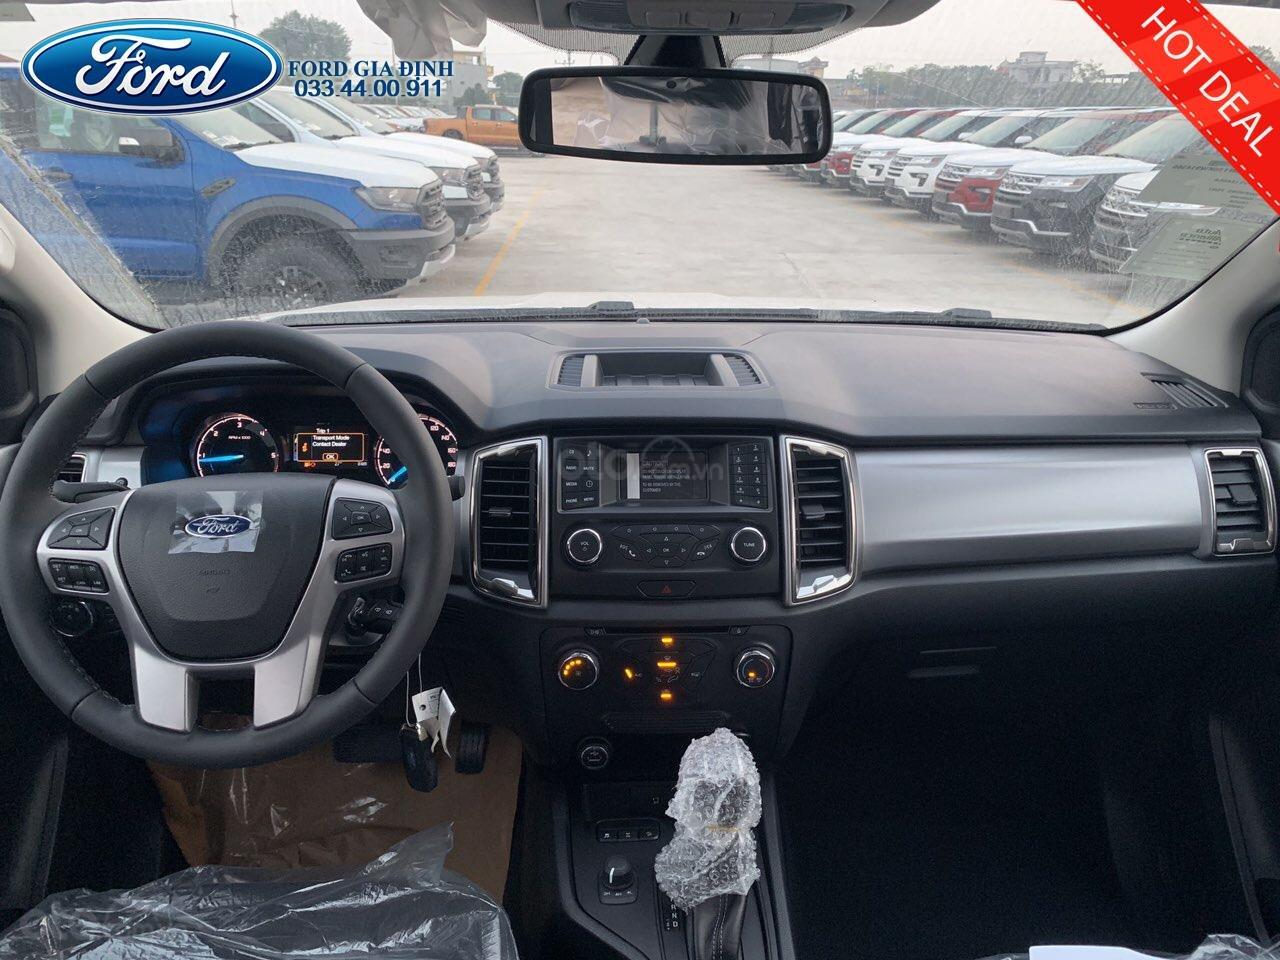 XLS AT Ford Ranger 2019 giao ngay, đủ màu, giảm tiền mặt + phụ kiện (3)